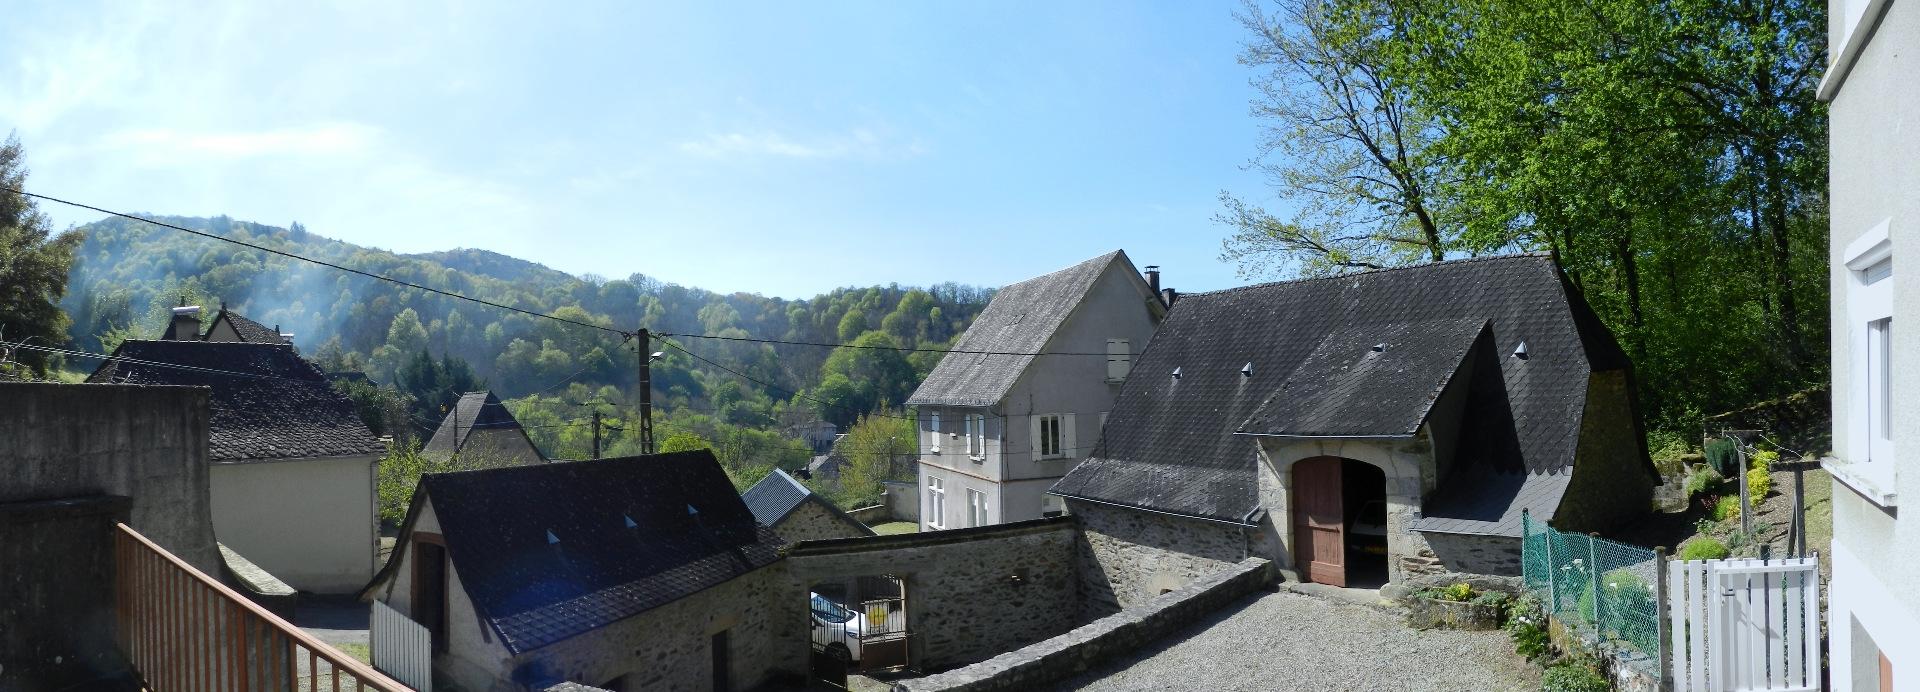 A vendre, vallée de la Cère, ensemble immobilier ancien, maison de type 4, grange et grangette, terrain 1 062 m²